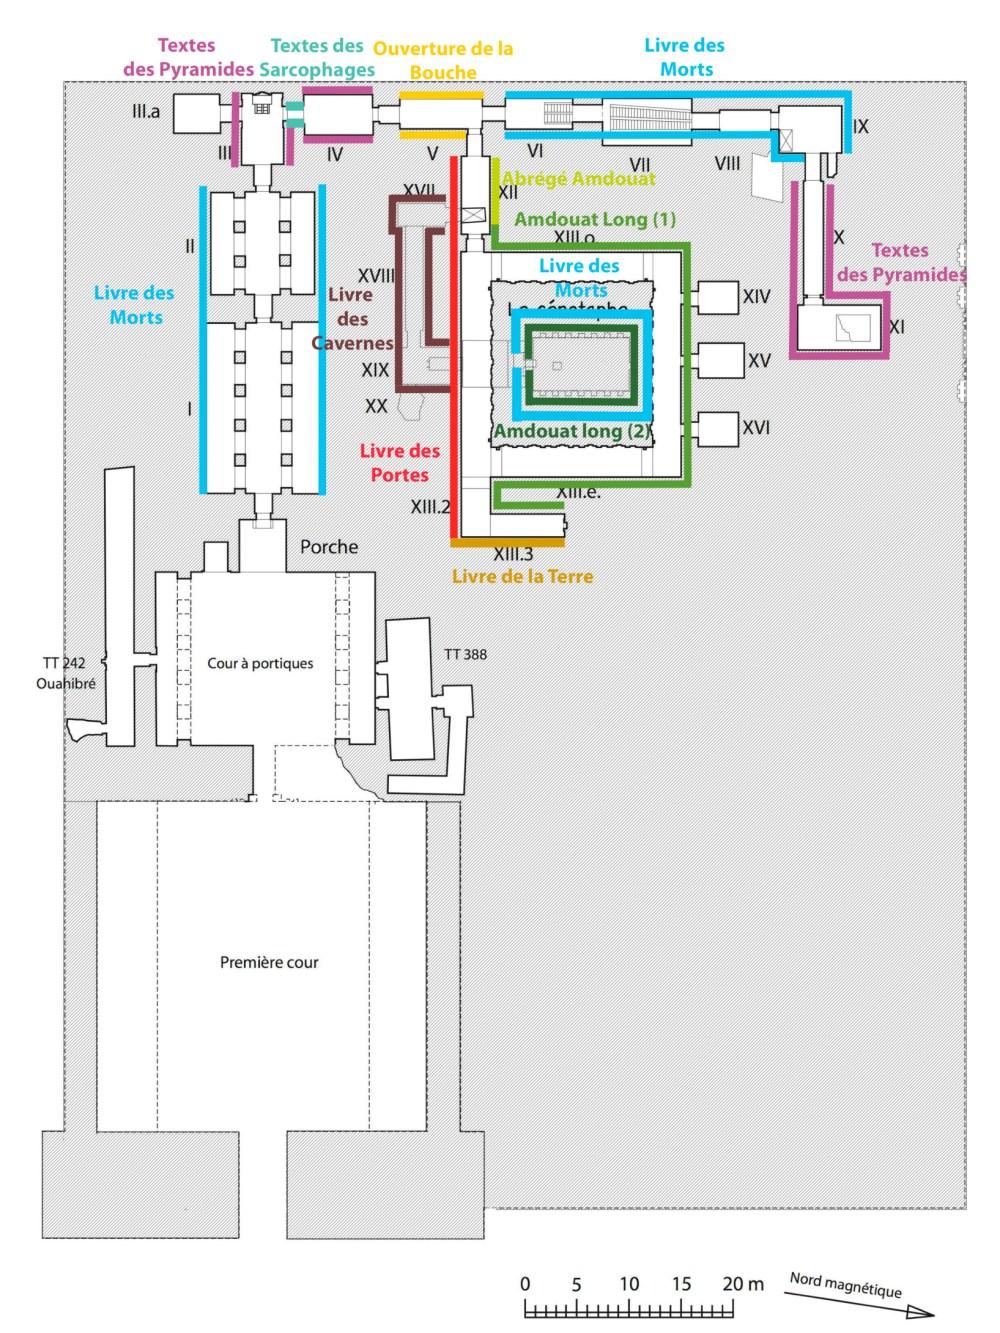 medium resolution of regen fig 1 plan des livres